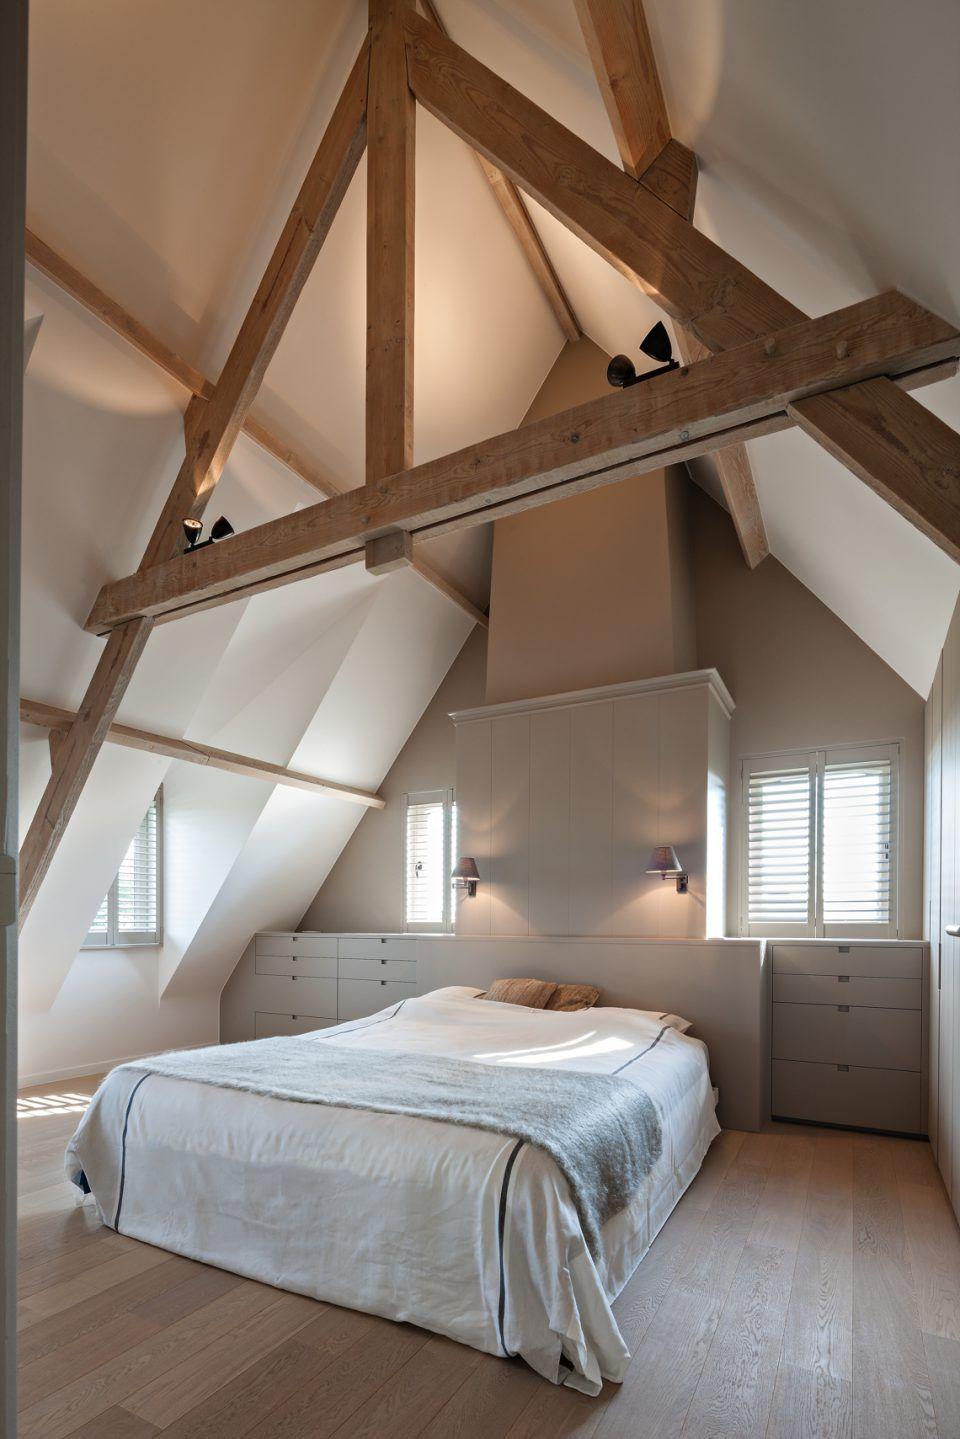 Slaapkamer met houten planken aan het plafond  slaapkamer